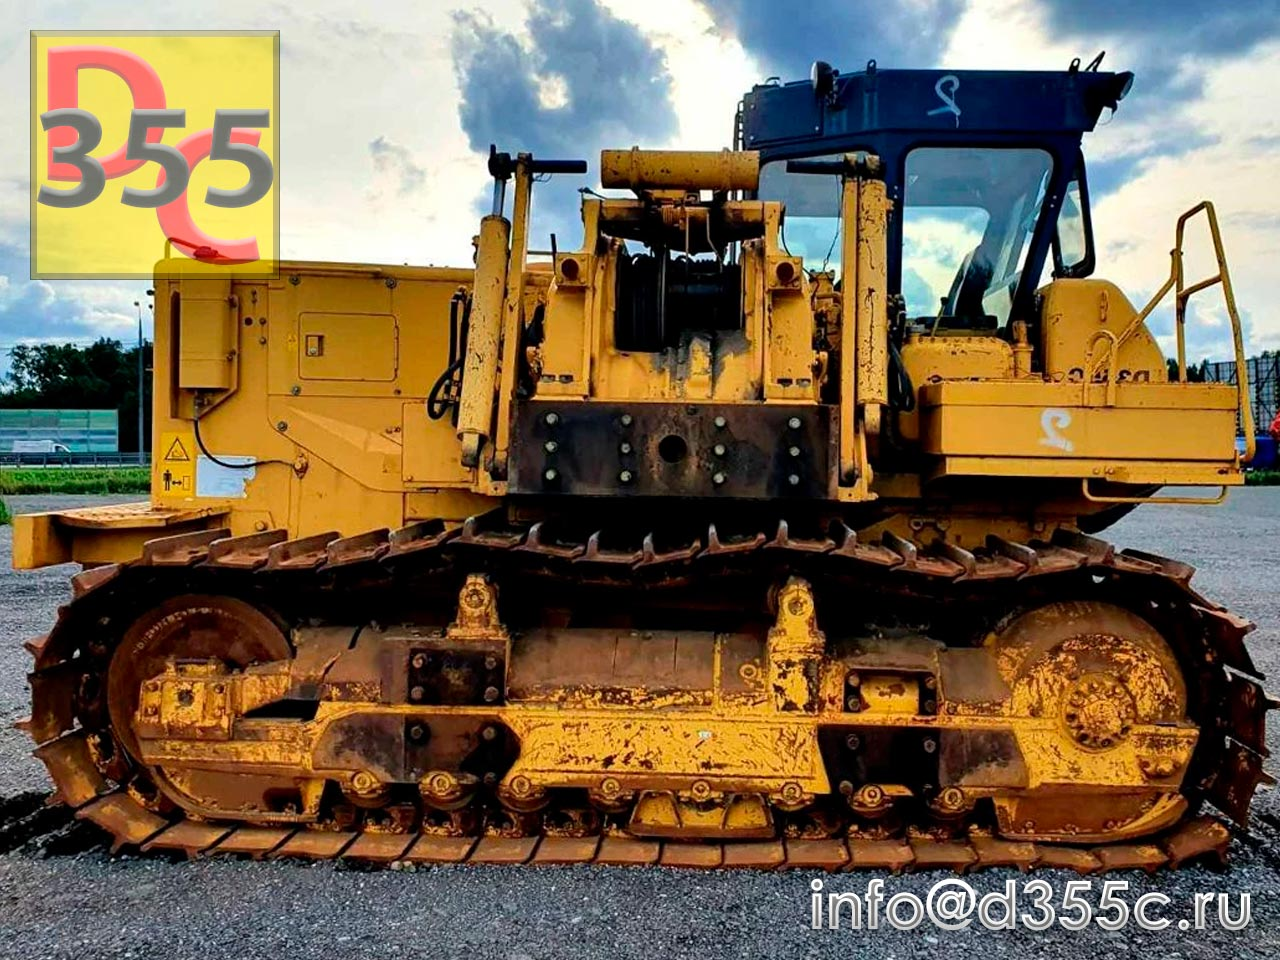 d355c-3da